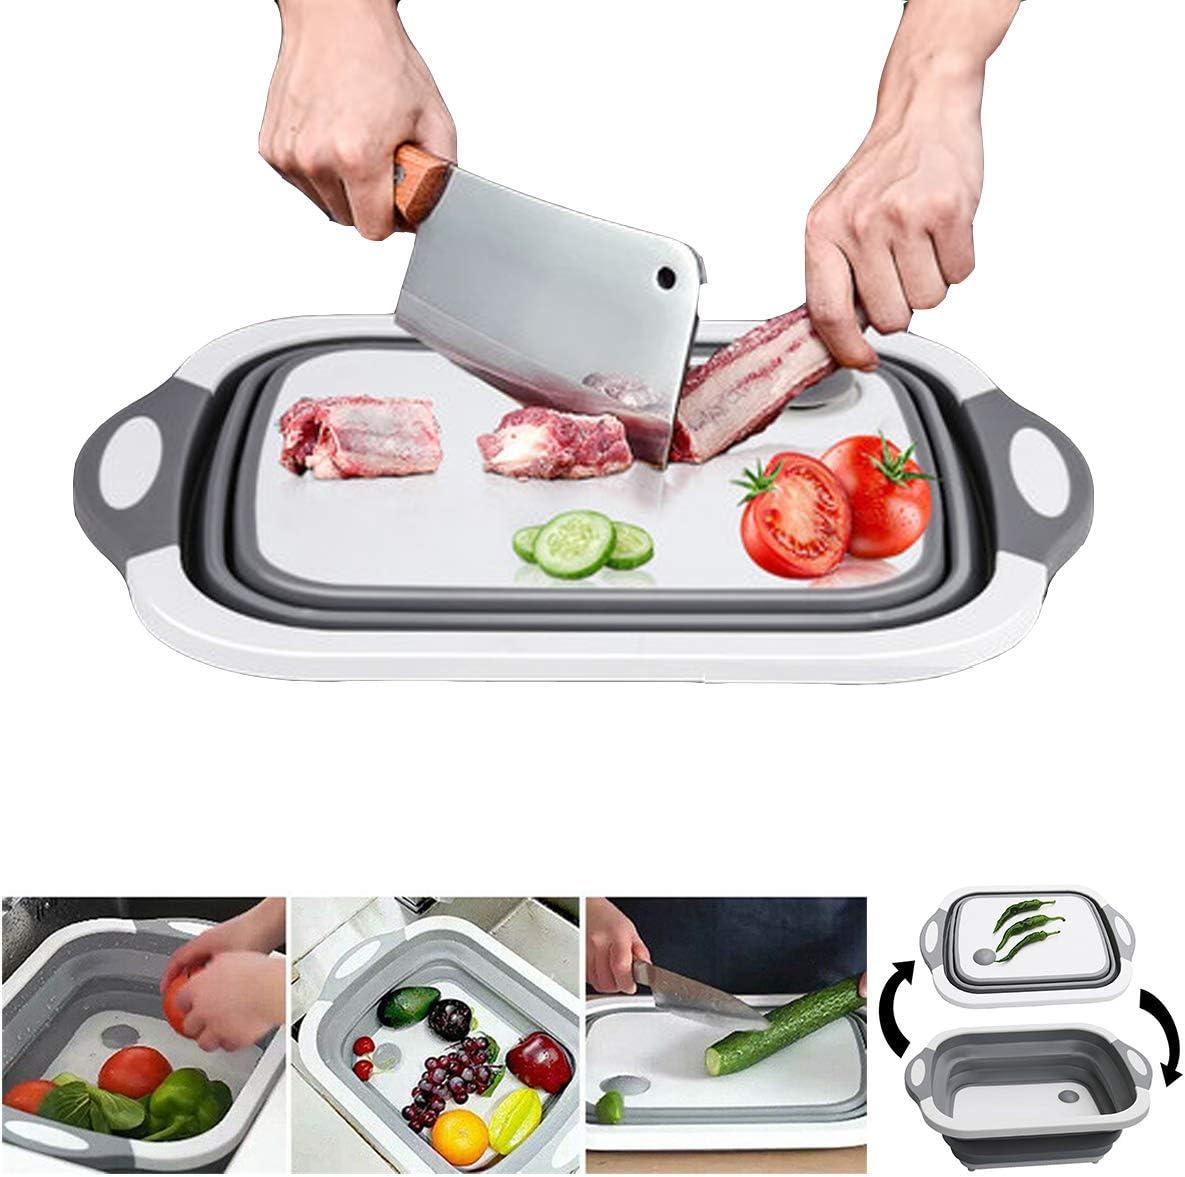 Barabum Fregadero multifunción 3 en 1 portátil plegable tabla de cortar cesta de drenaje de cocina, tabla de cortar herramienta para cortar verduras y ...